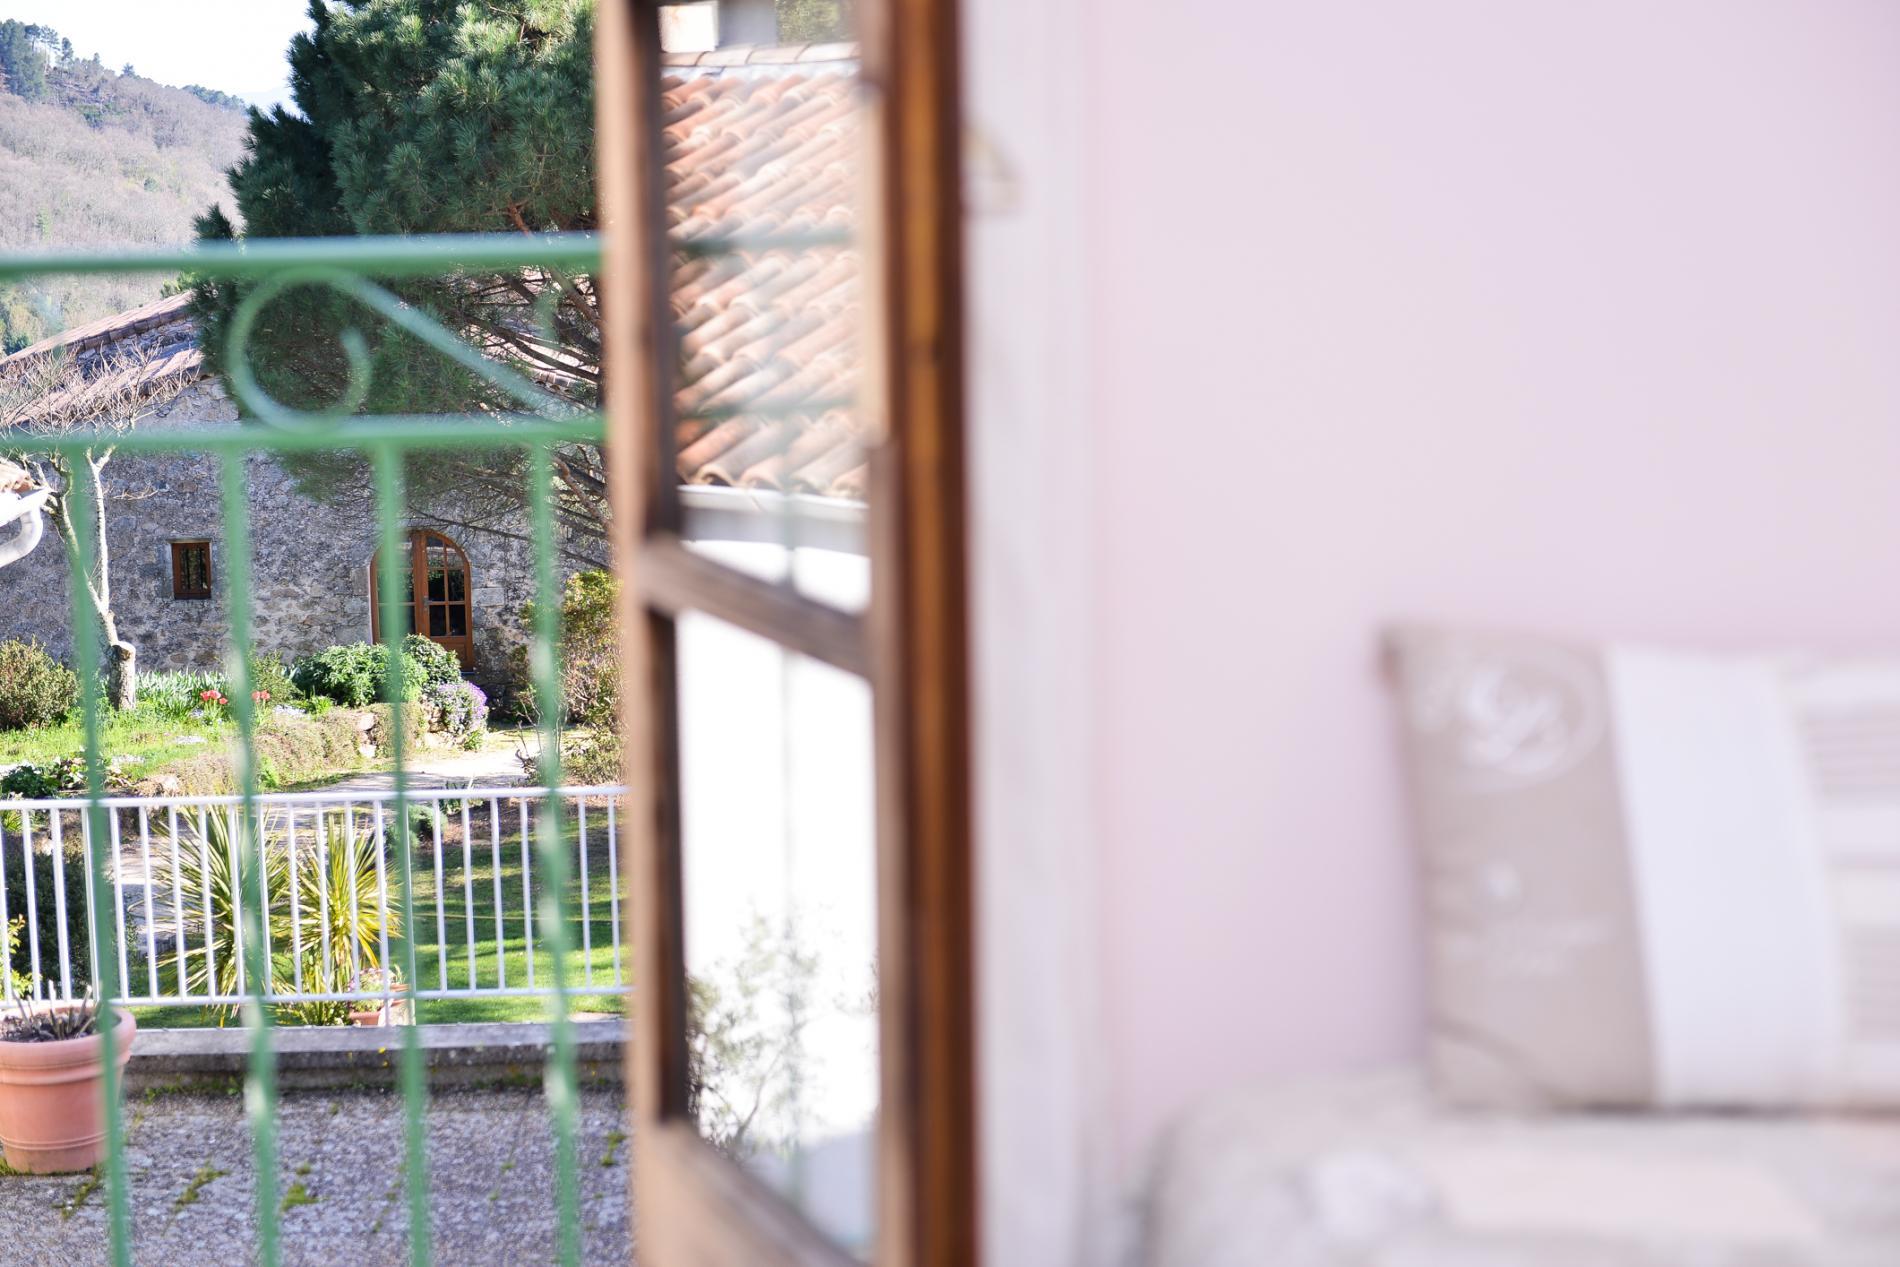 Chambres hôtel et soirée étape à Rocher proche de l'argentière | Hôtel Le Chêne Vert***